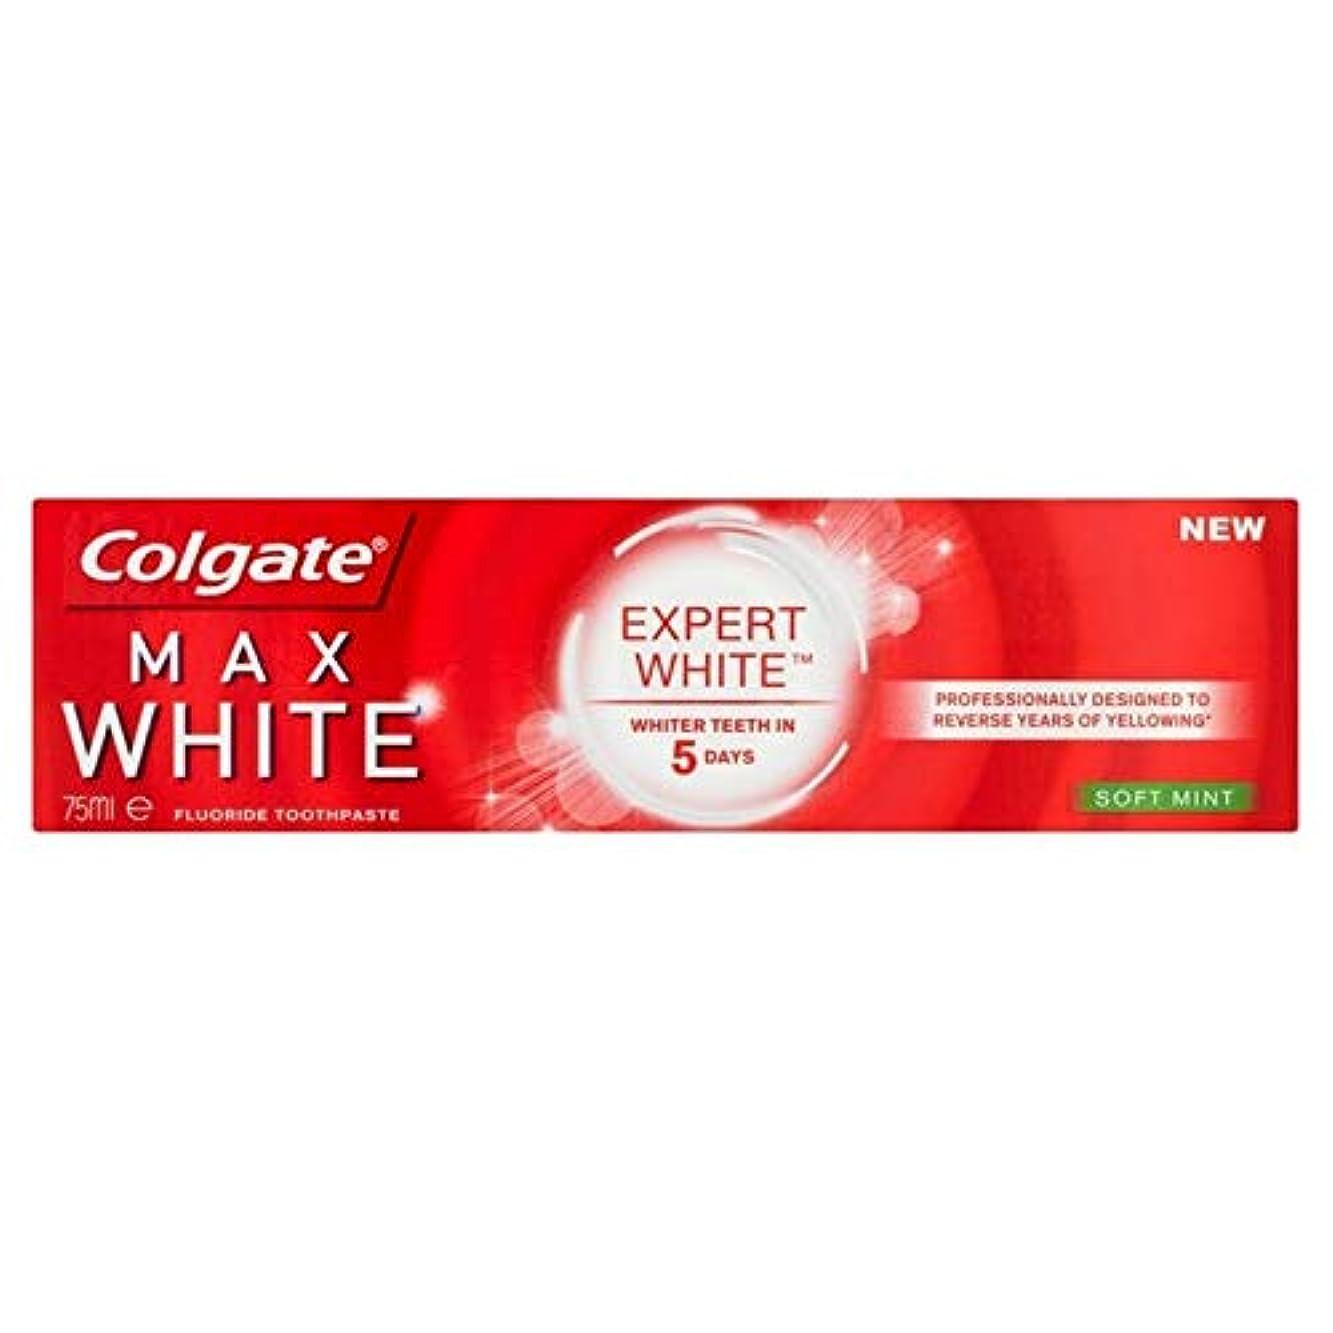 滅多未払い造船[Colgate ] コルゲート最大白の専門ソフトミントホワイトニング歯磨き粉75ミリリットル - Colgate Max White Expert Soft Mint Whitening Toothpaste 75ml...